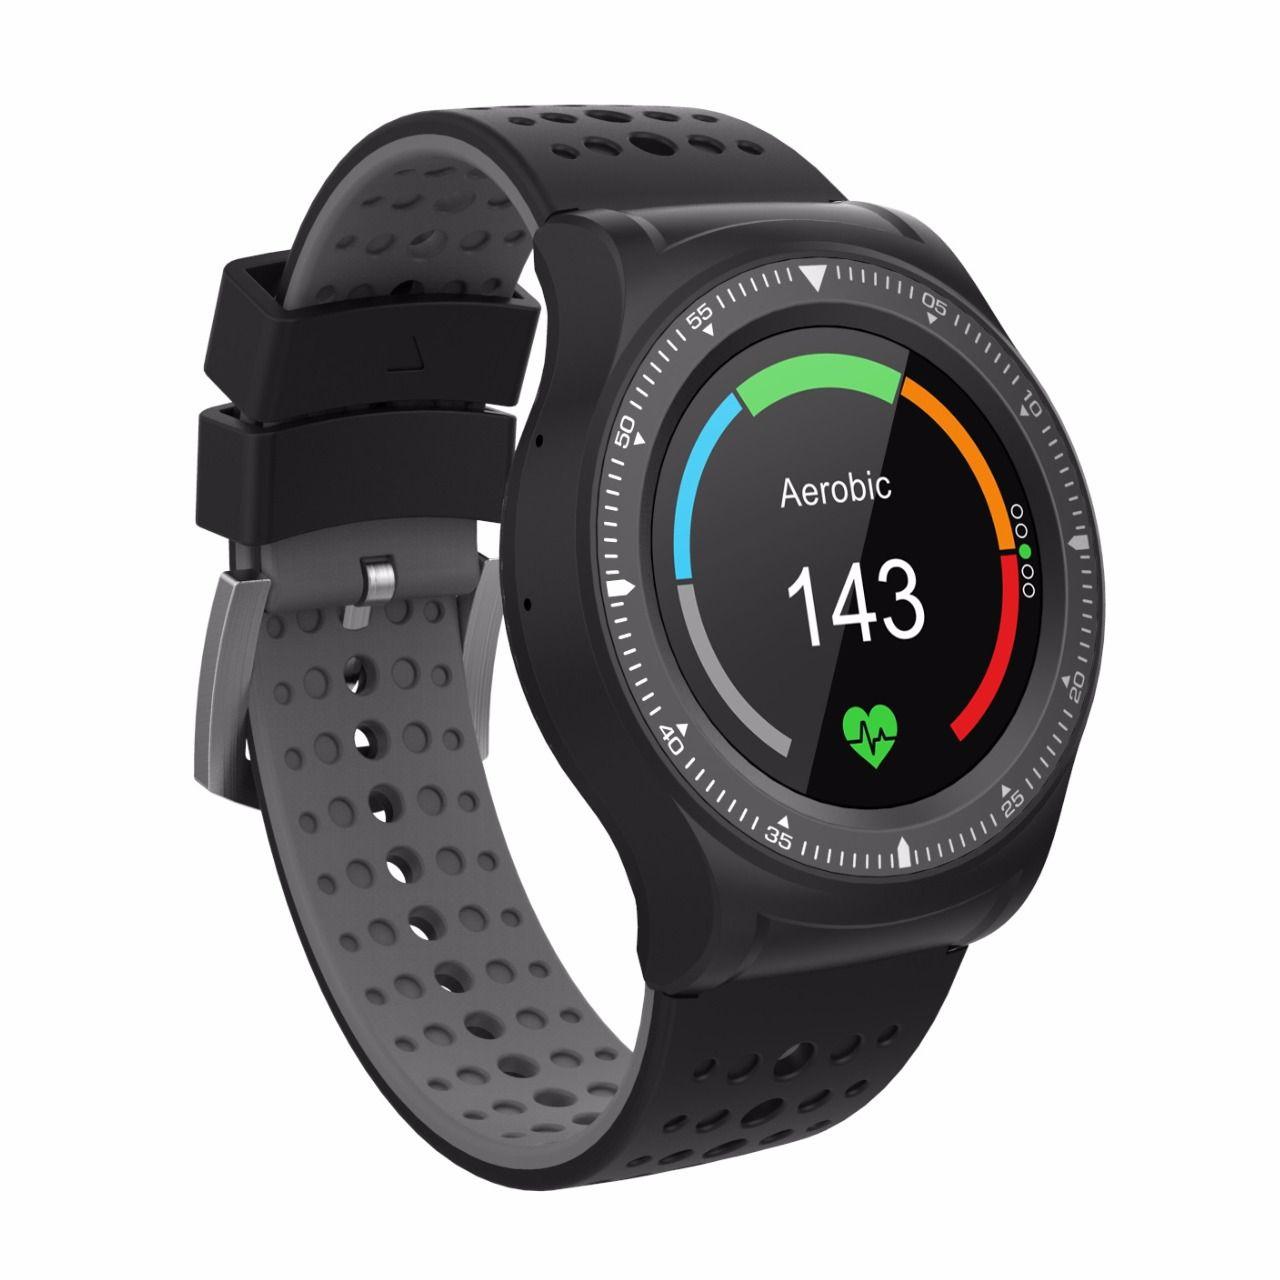 Smartee Pop y Smartee Sport, los nuevos smartwatches de SPC, | Imagenacion